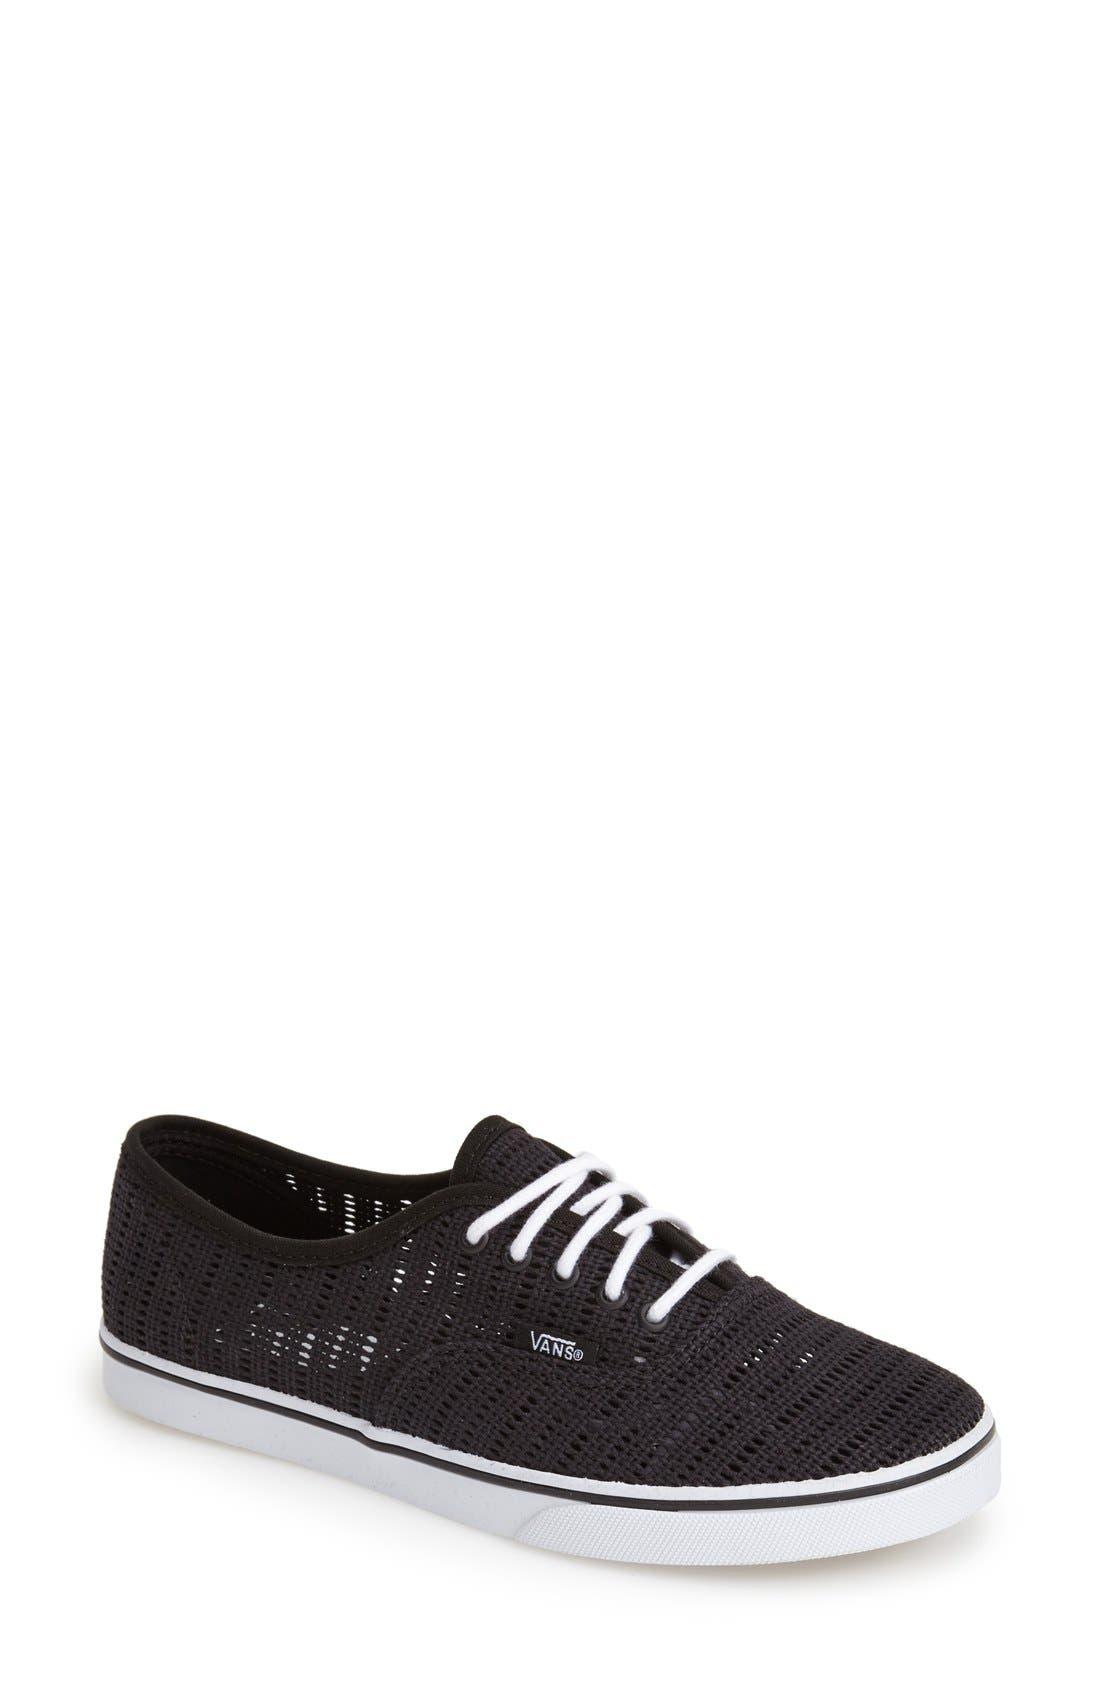 Main Image - Vans 'Lo Pro' Sneaker (Women)